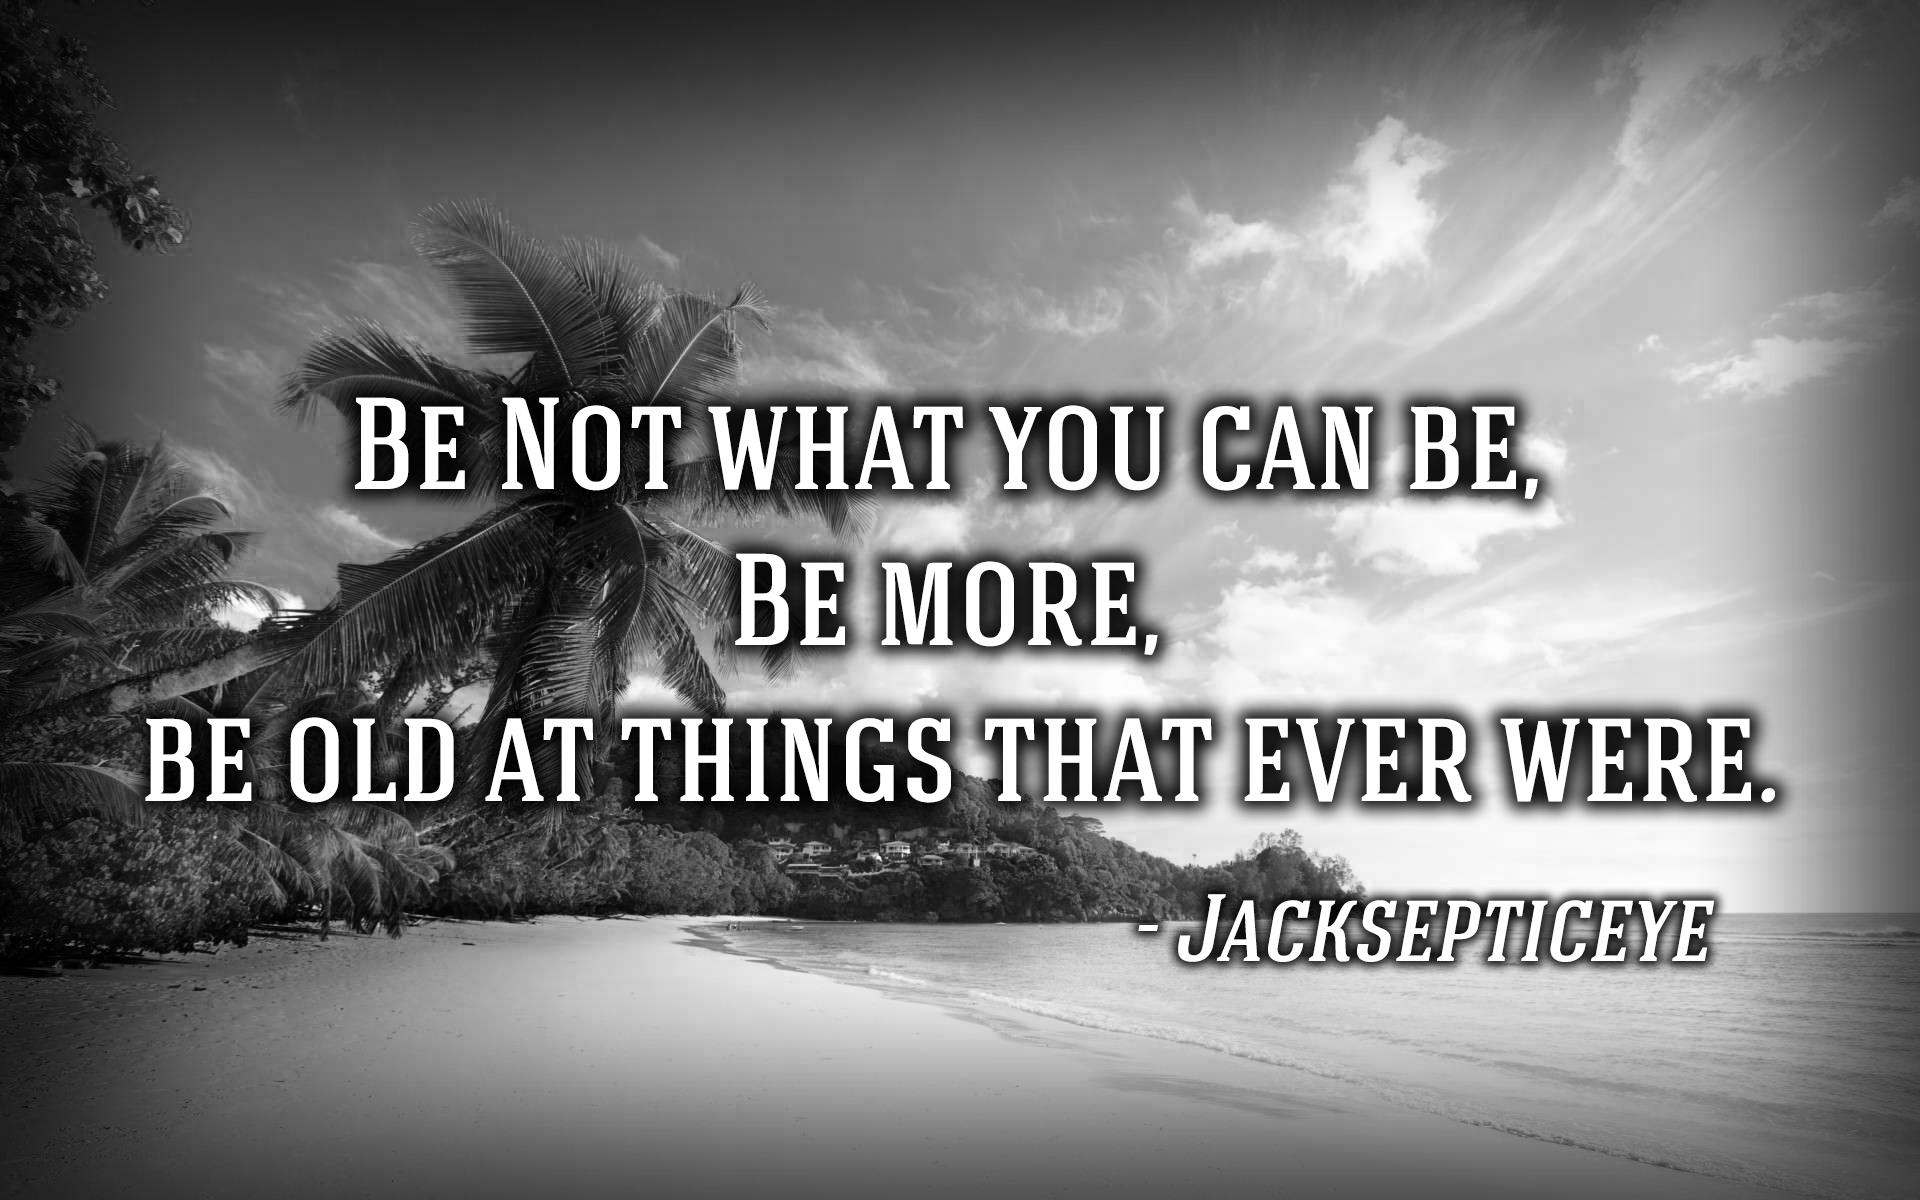 Inspirational Qoute Inspirational Quote By Jacksepticeyejasonfreeyt On Deviantart